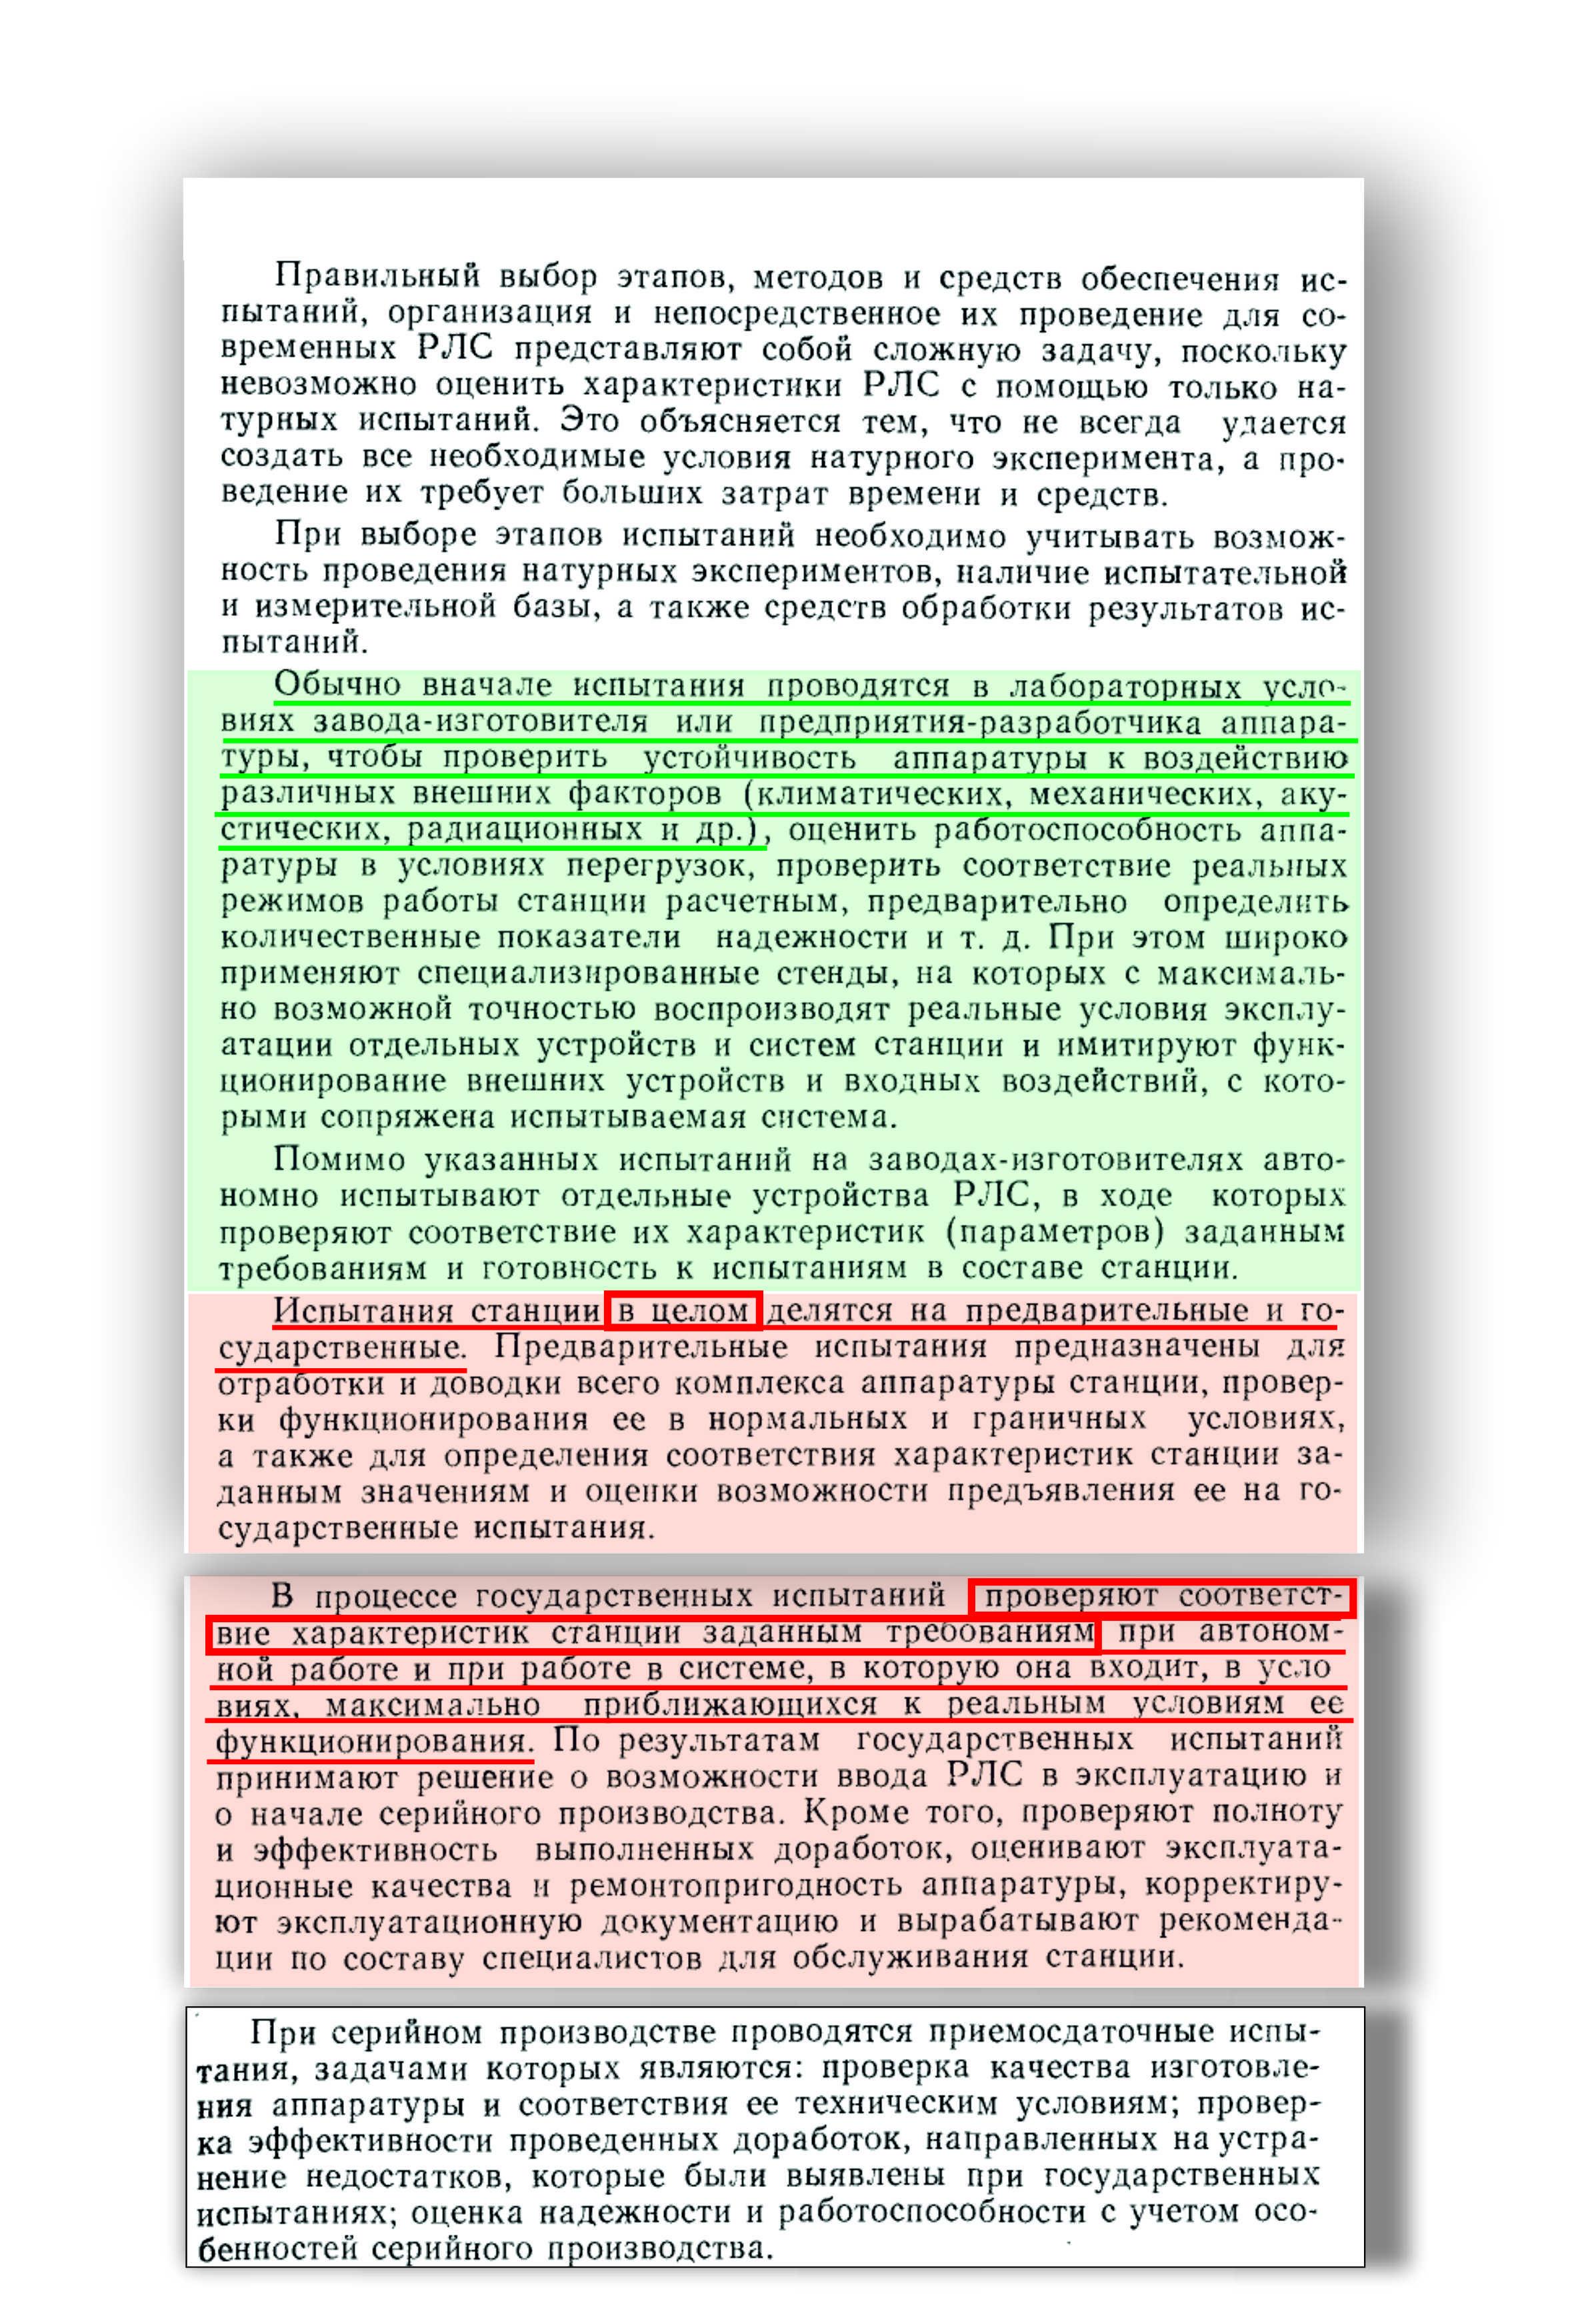 http://images.vfl.ru/ii/1619551730/8bb7ebb5/34249327.jpg